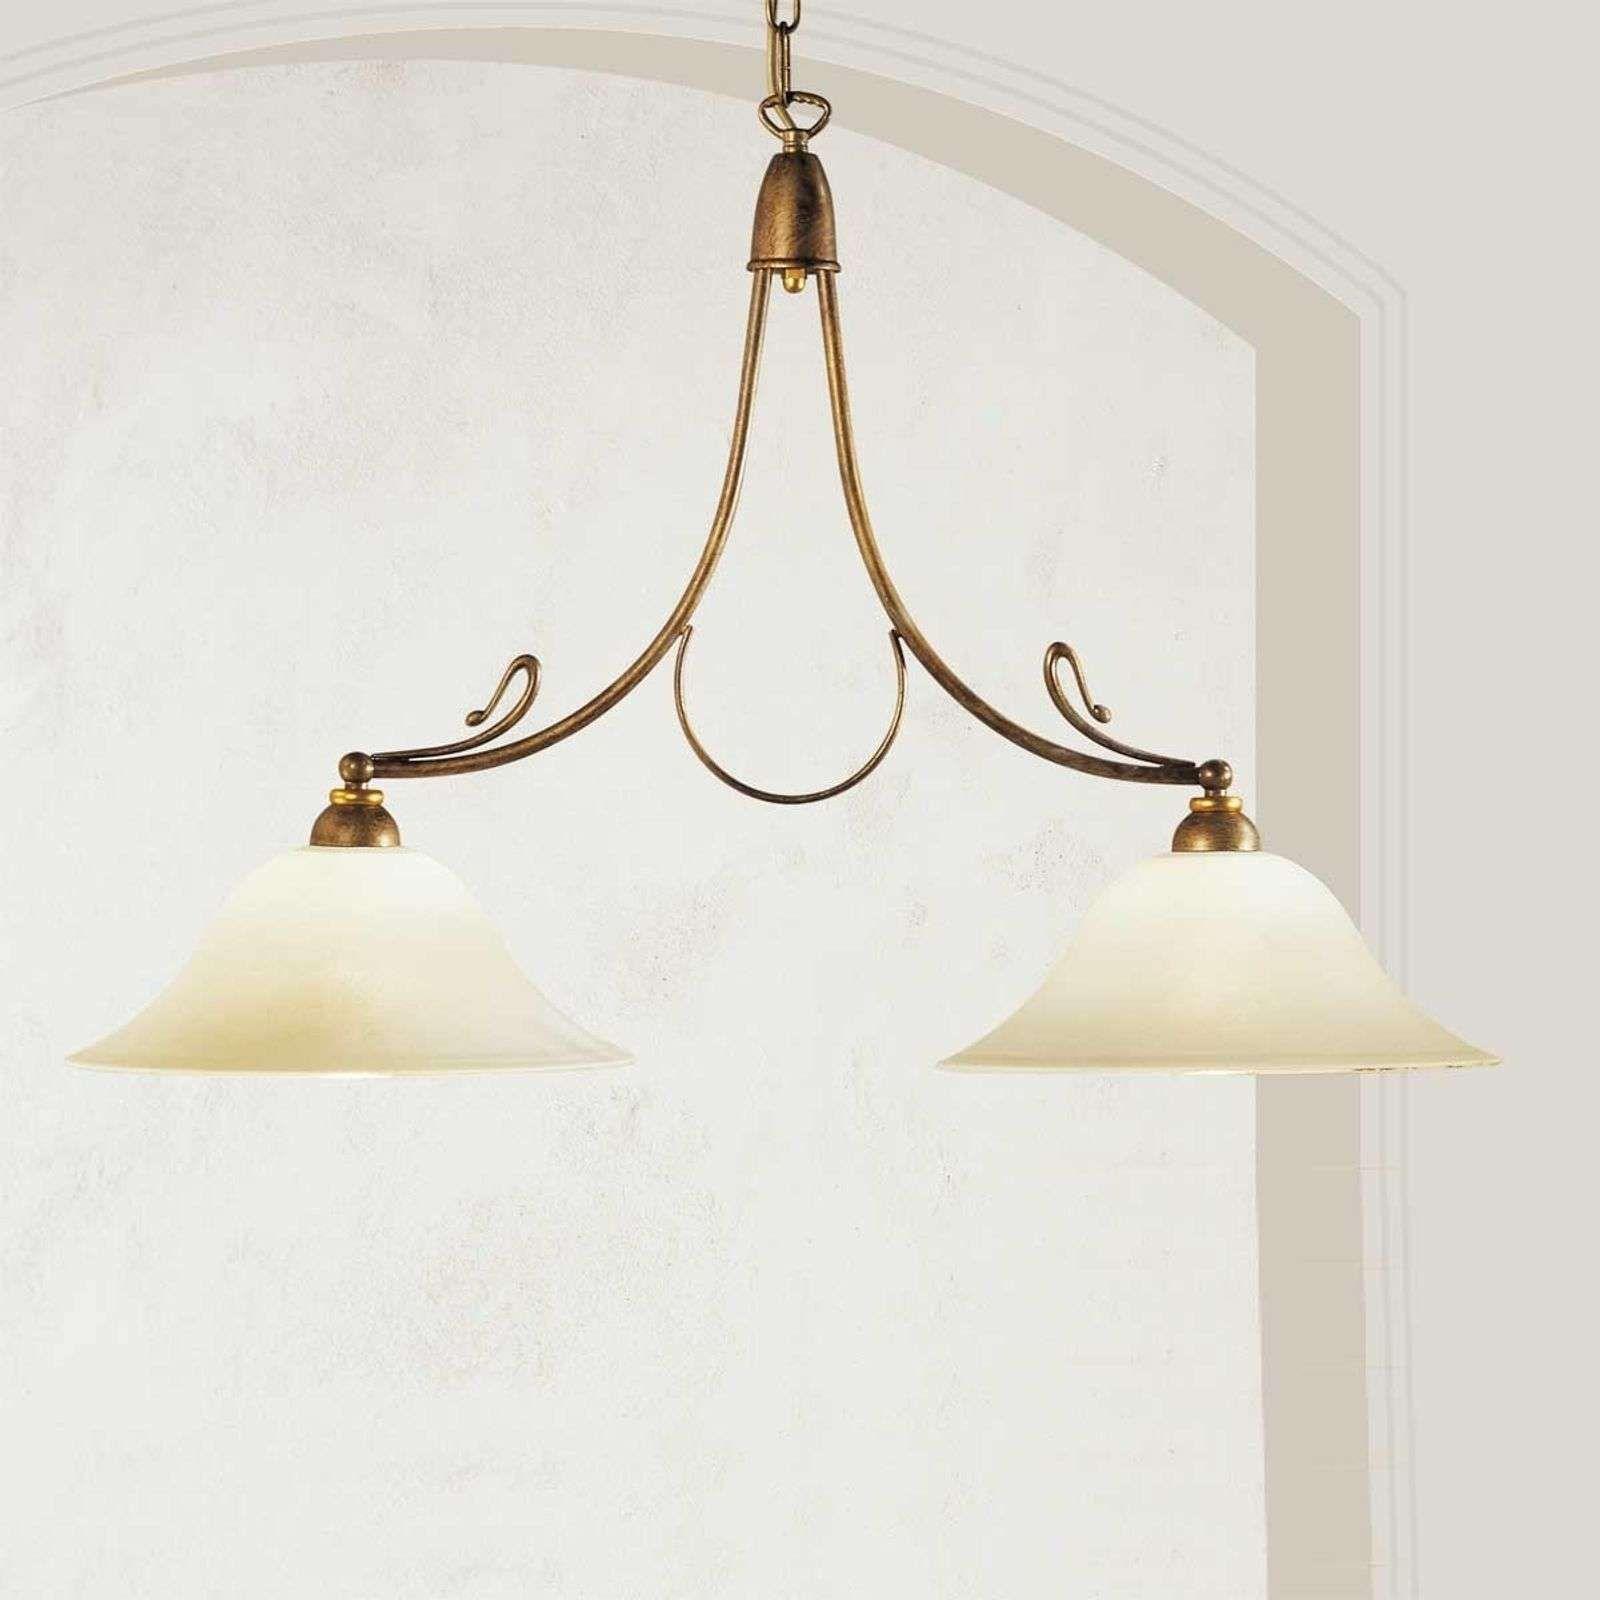 Led Hanglampen Eettafel 3 Lamps Hanglamp Hanglamp Lantaarn Zwart Hanglamp Boven Eettafel Grote Hanglamp Halve Bol Hanglamp Hangende Lichten Verlichting